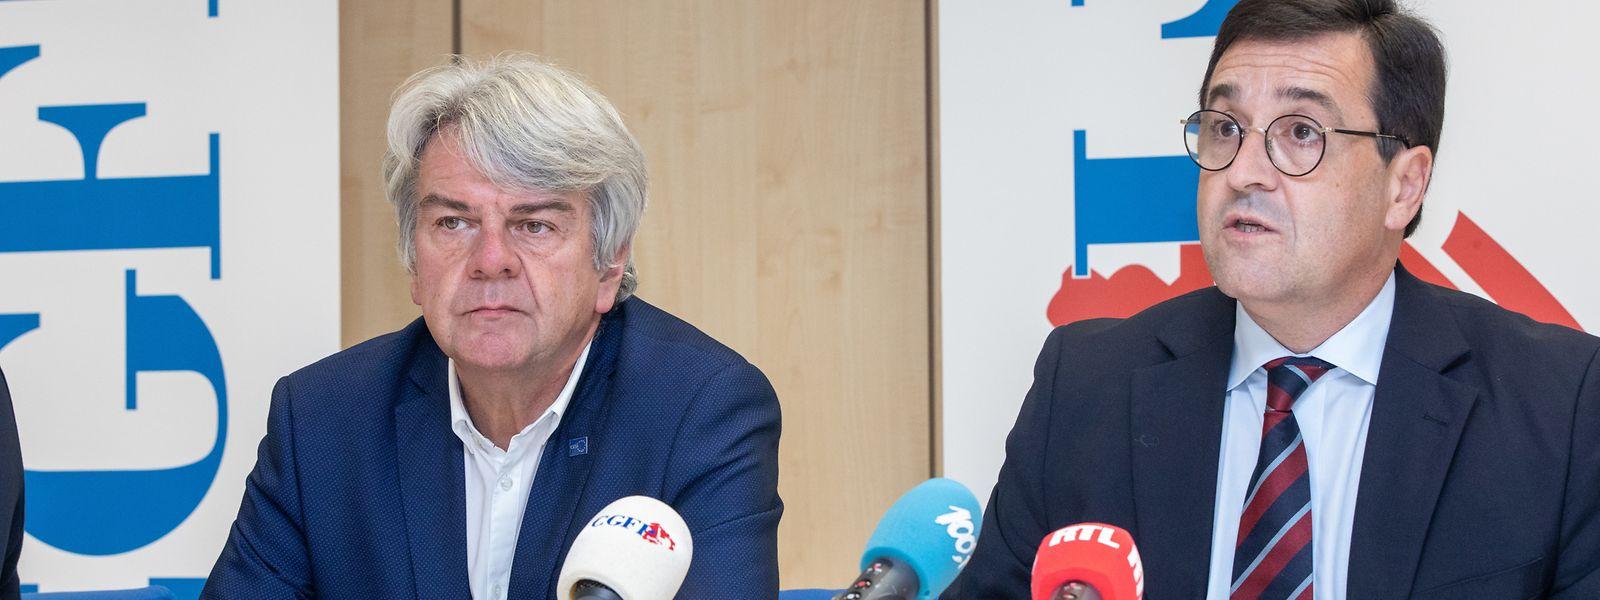 CGFP-Präsident Romain Wolff (l.) und CGFP-Generalsekretär Steve Heiliger erwägen juristische Schritte gegen die Regierung, weil sie nach Ansicht der Gewerkschafter die sektorielle Verhandlungsfreiheit der CGFP-Fachverbände nicht respektiert.